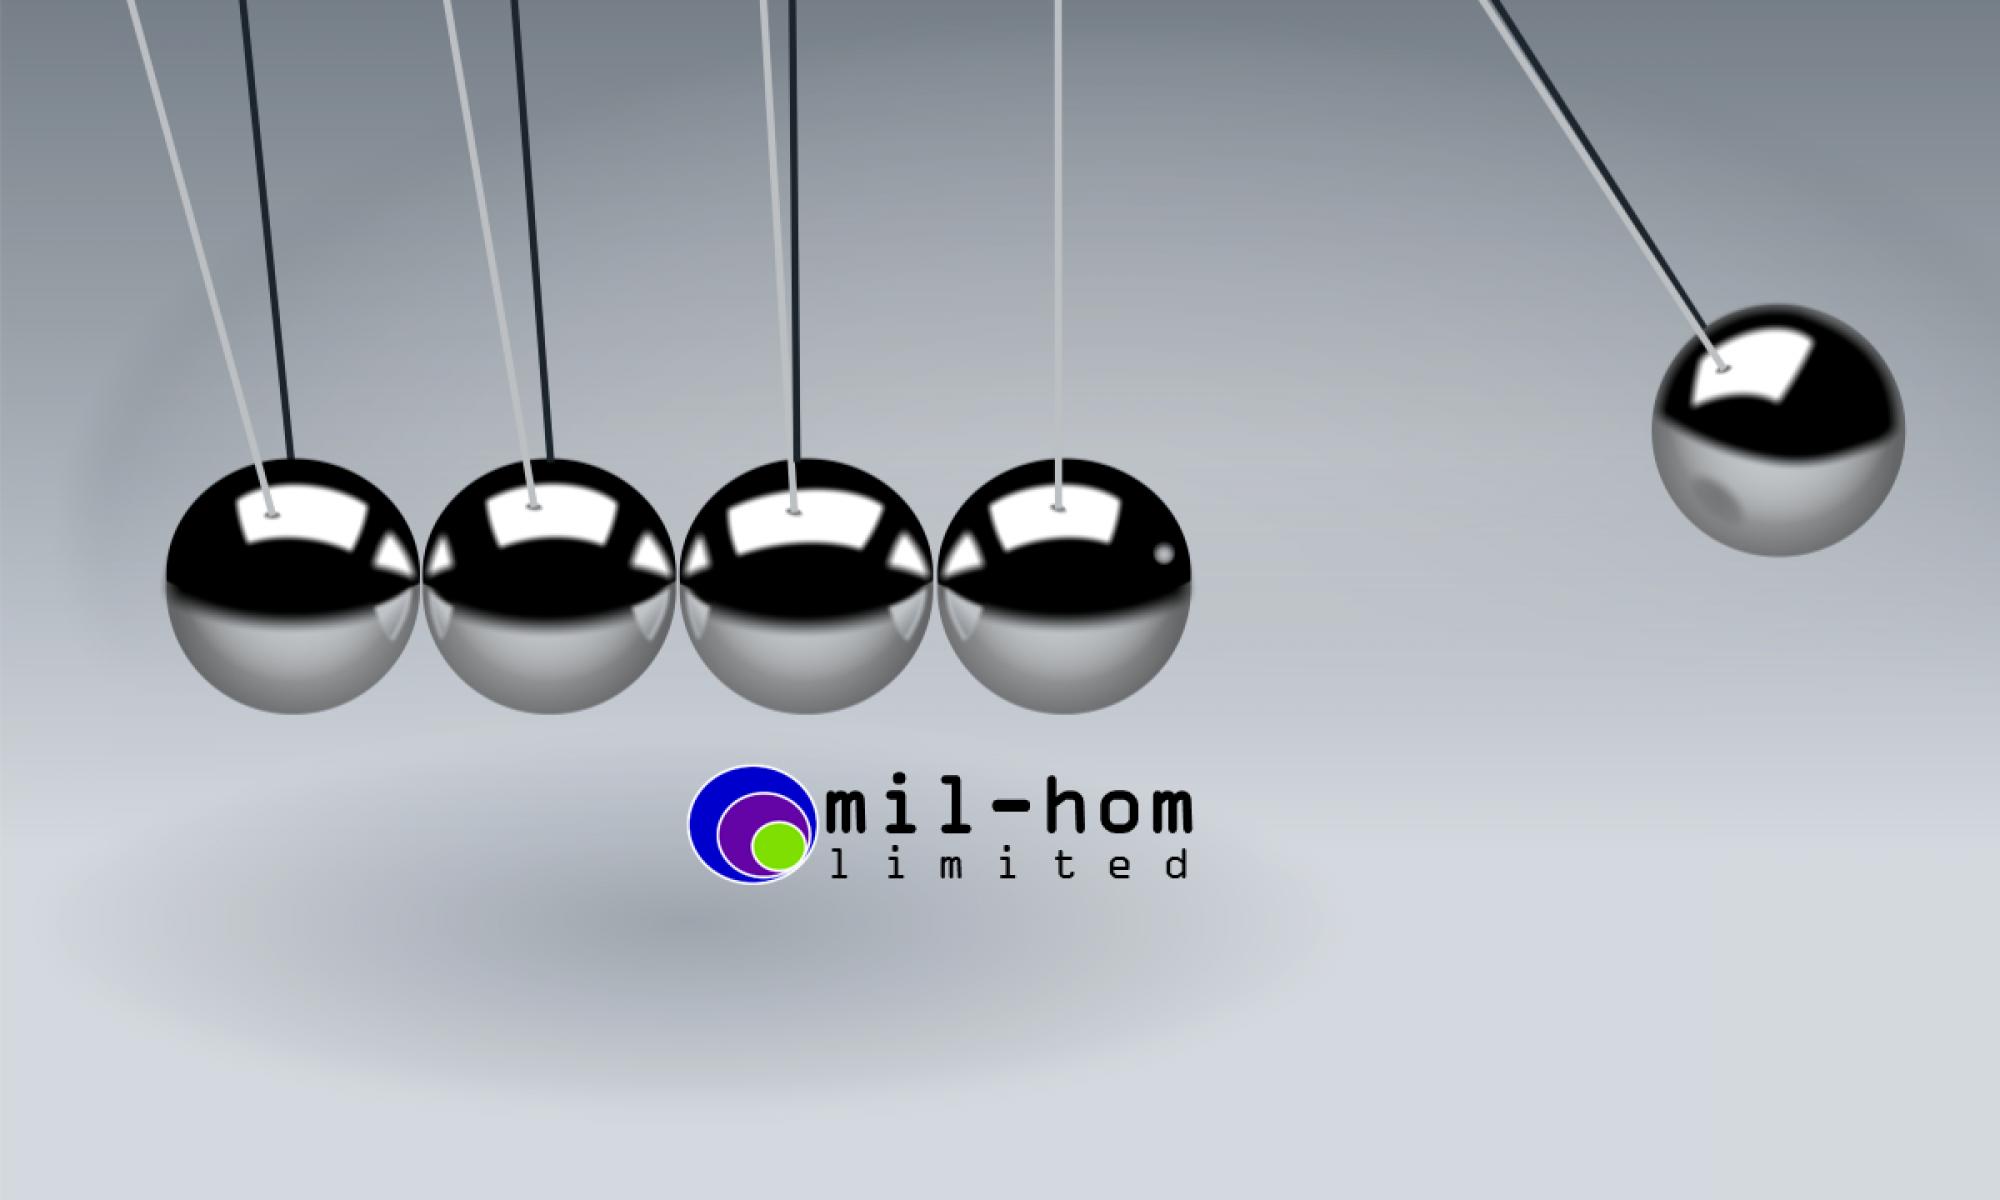 MIL-HOM LTD